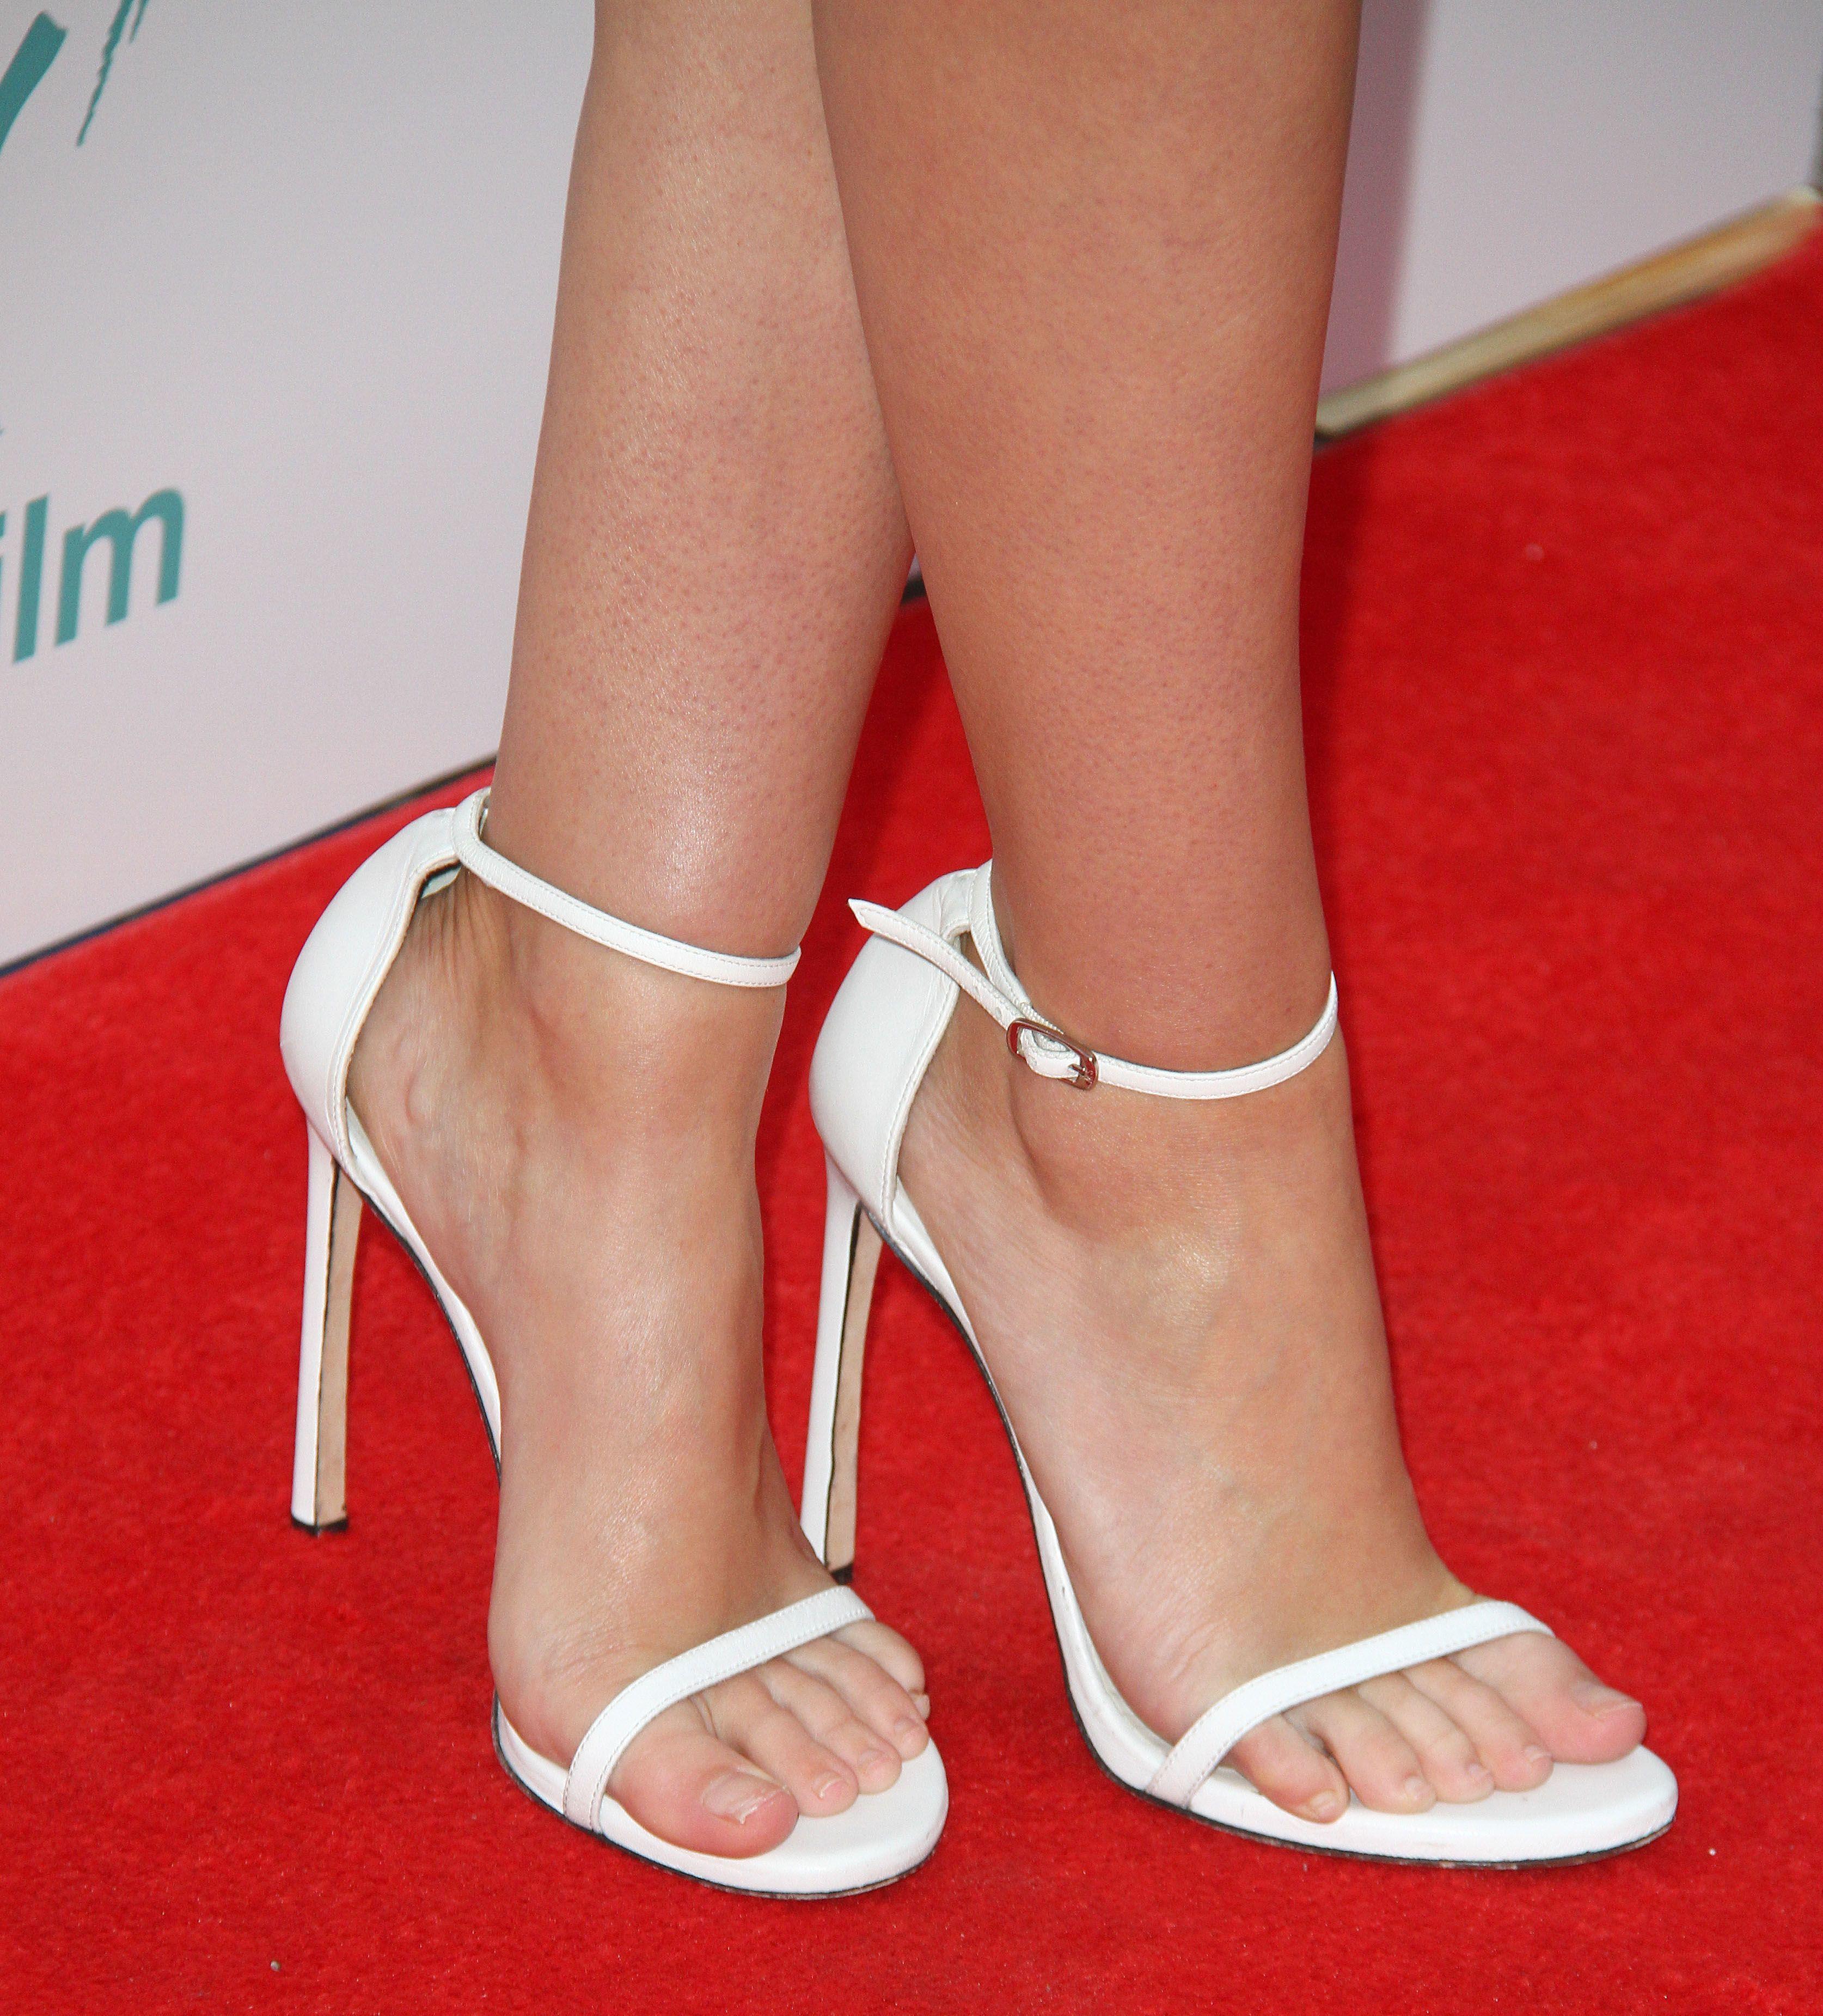 Cassady Mcclincy Feet